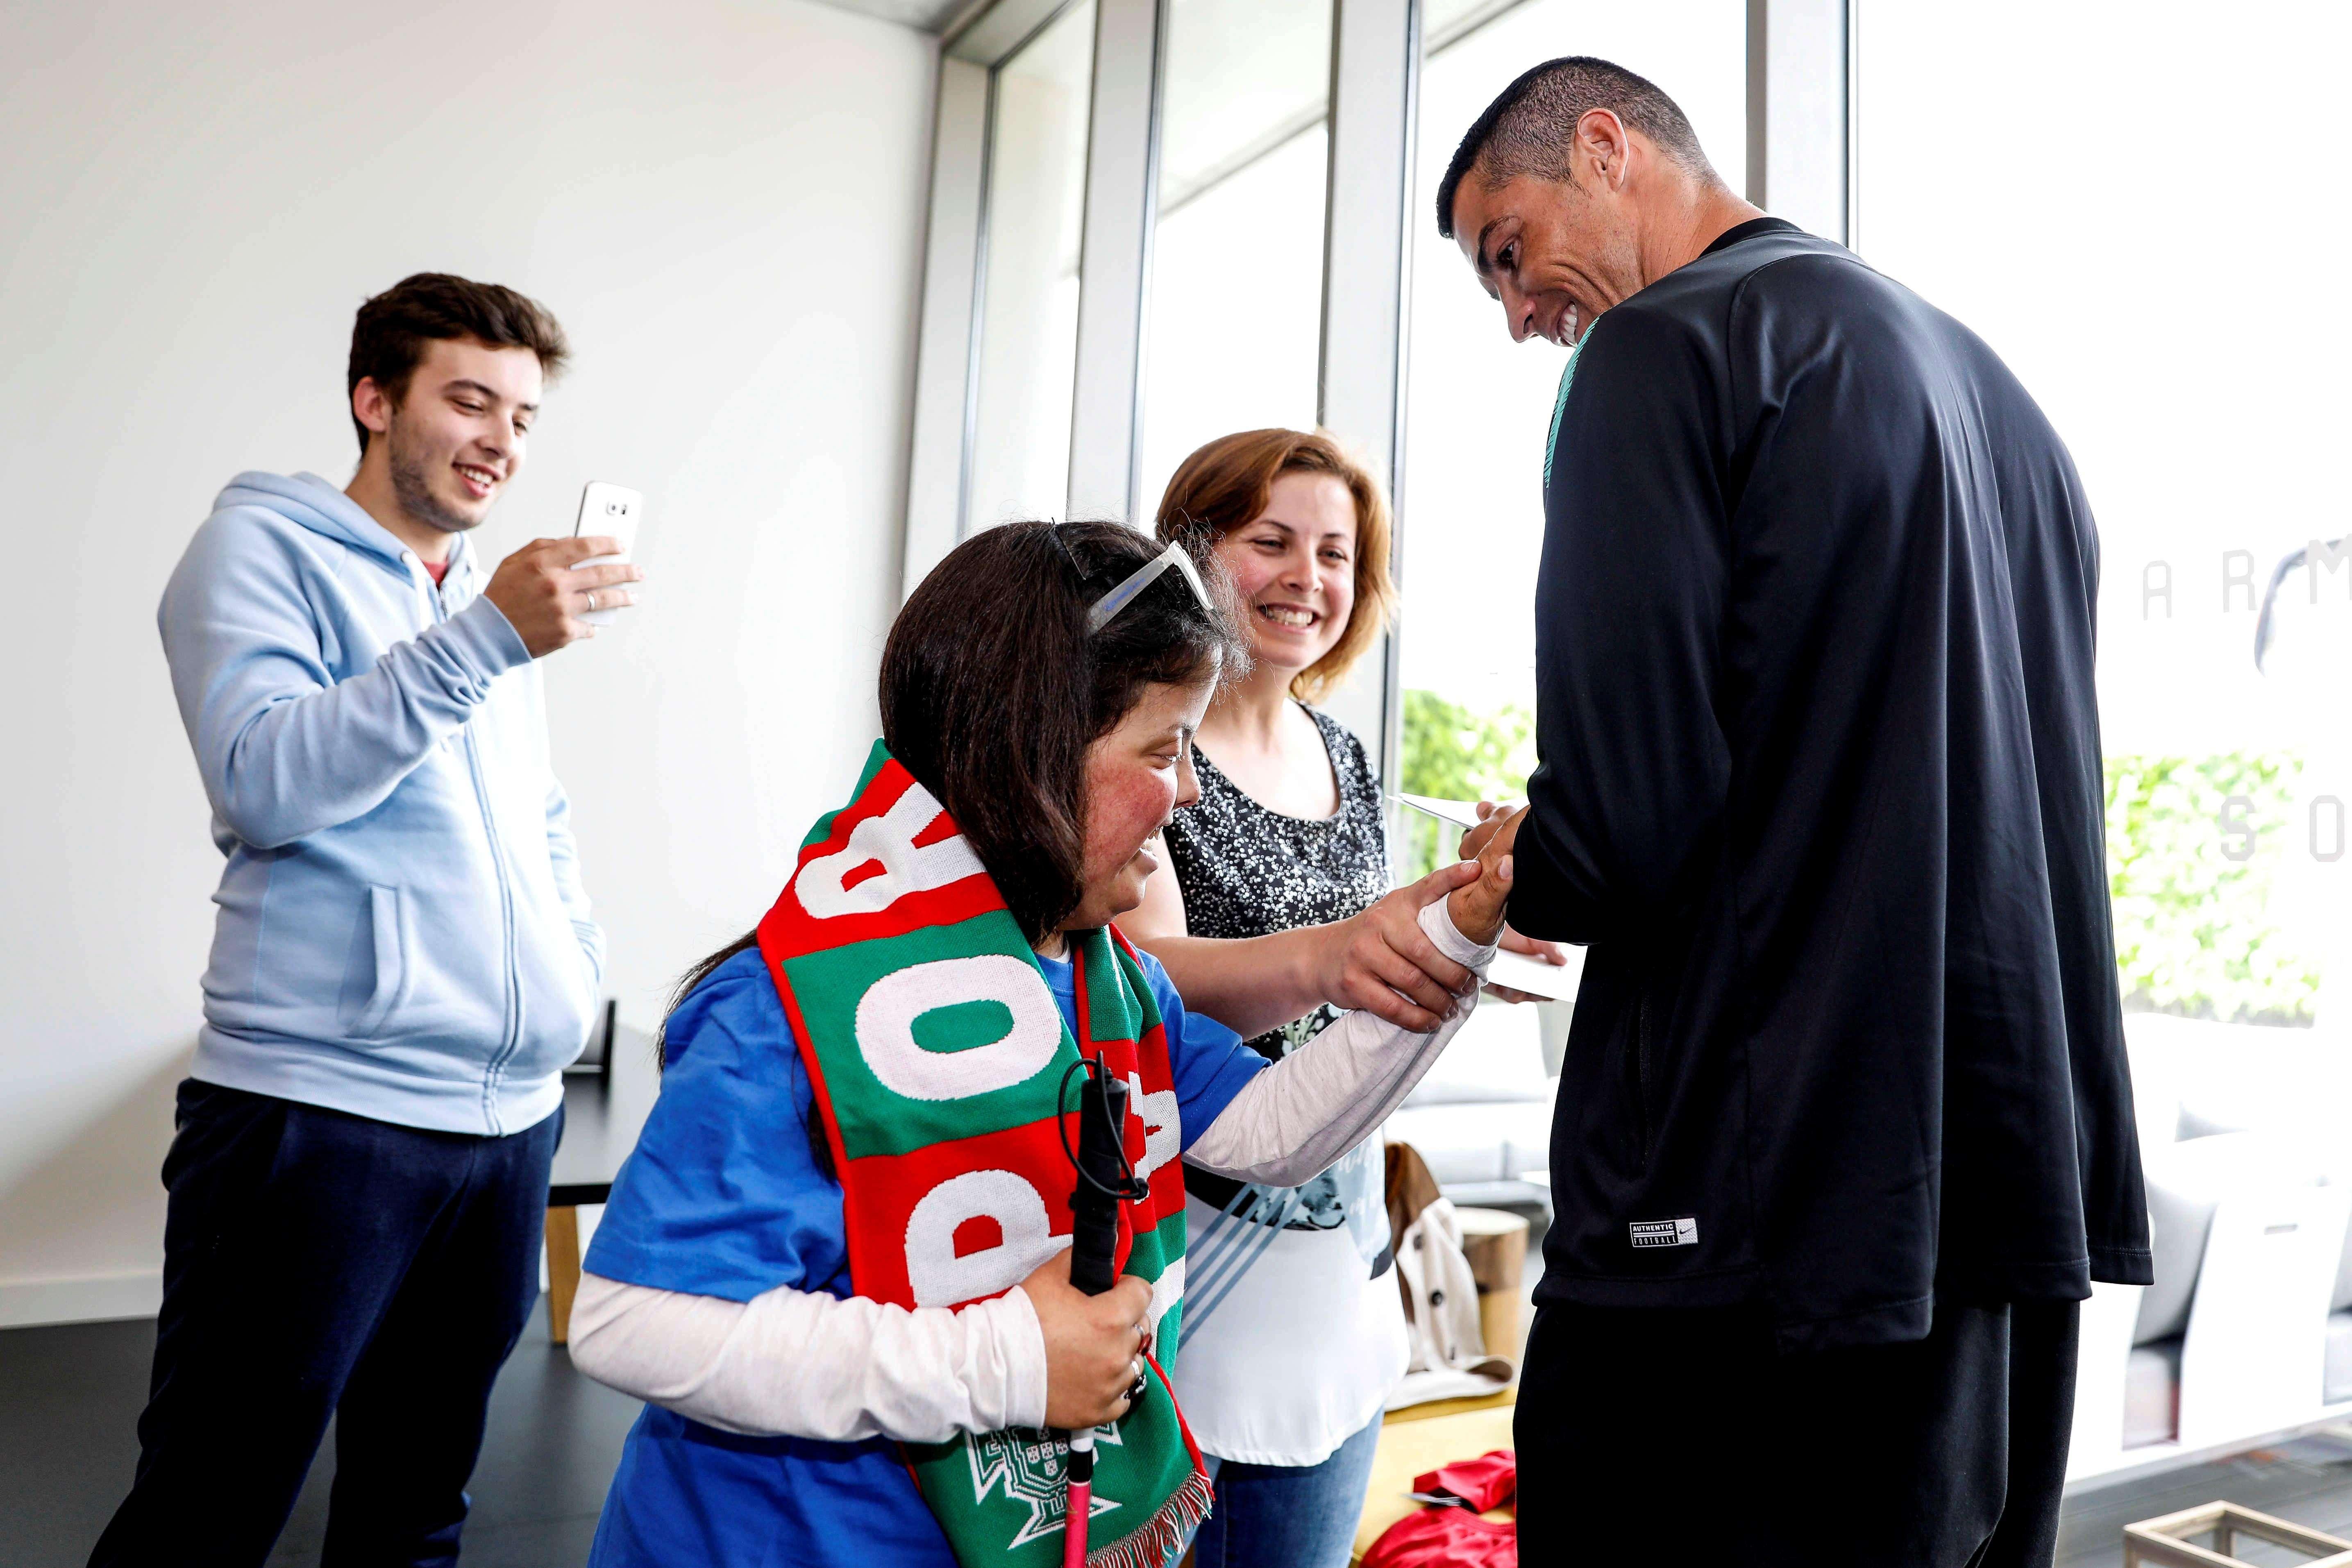 Los niños querían conocer a la figura de la Selección de Portugal. Foto: EFE